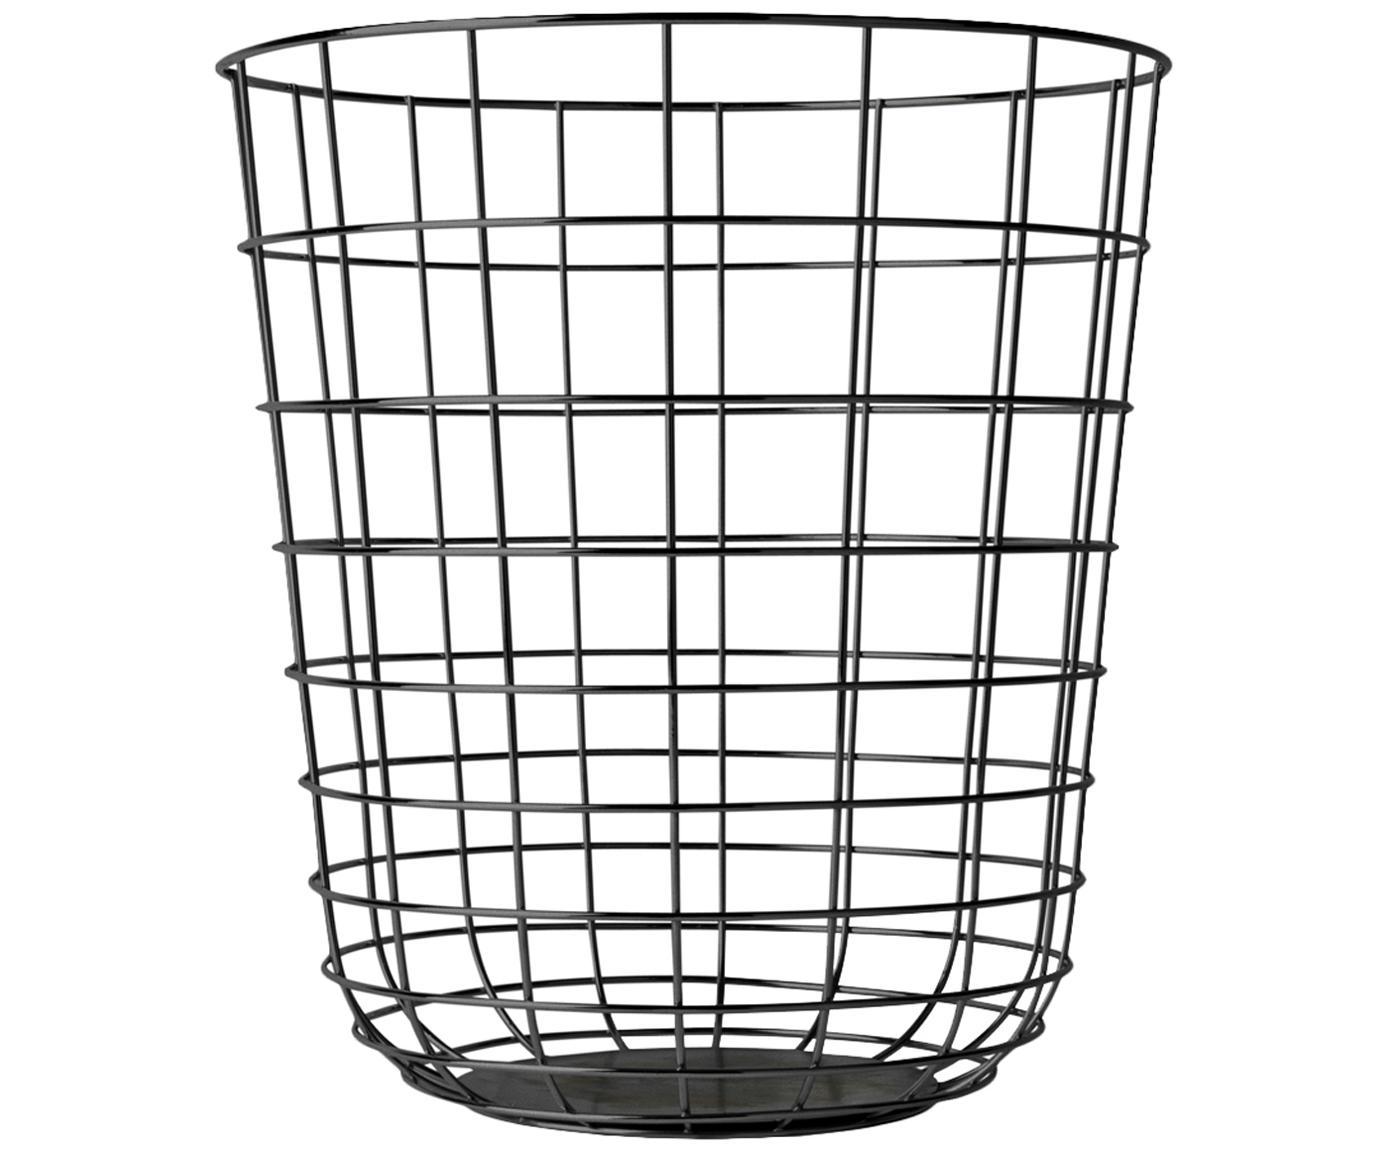 Kosz na śmieci Wire Bin, Czarny, Ø 32 x W 35 cm